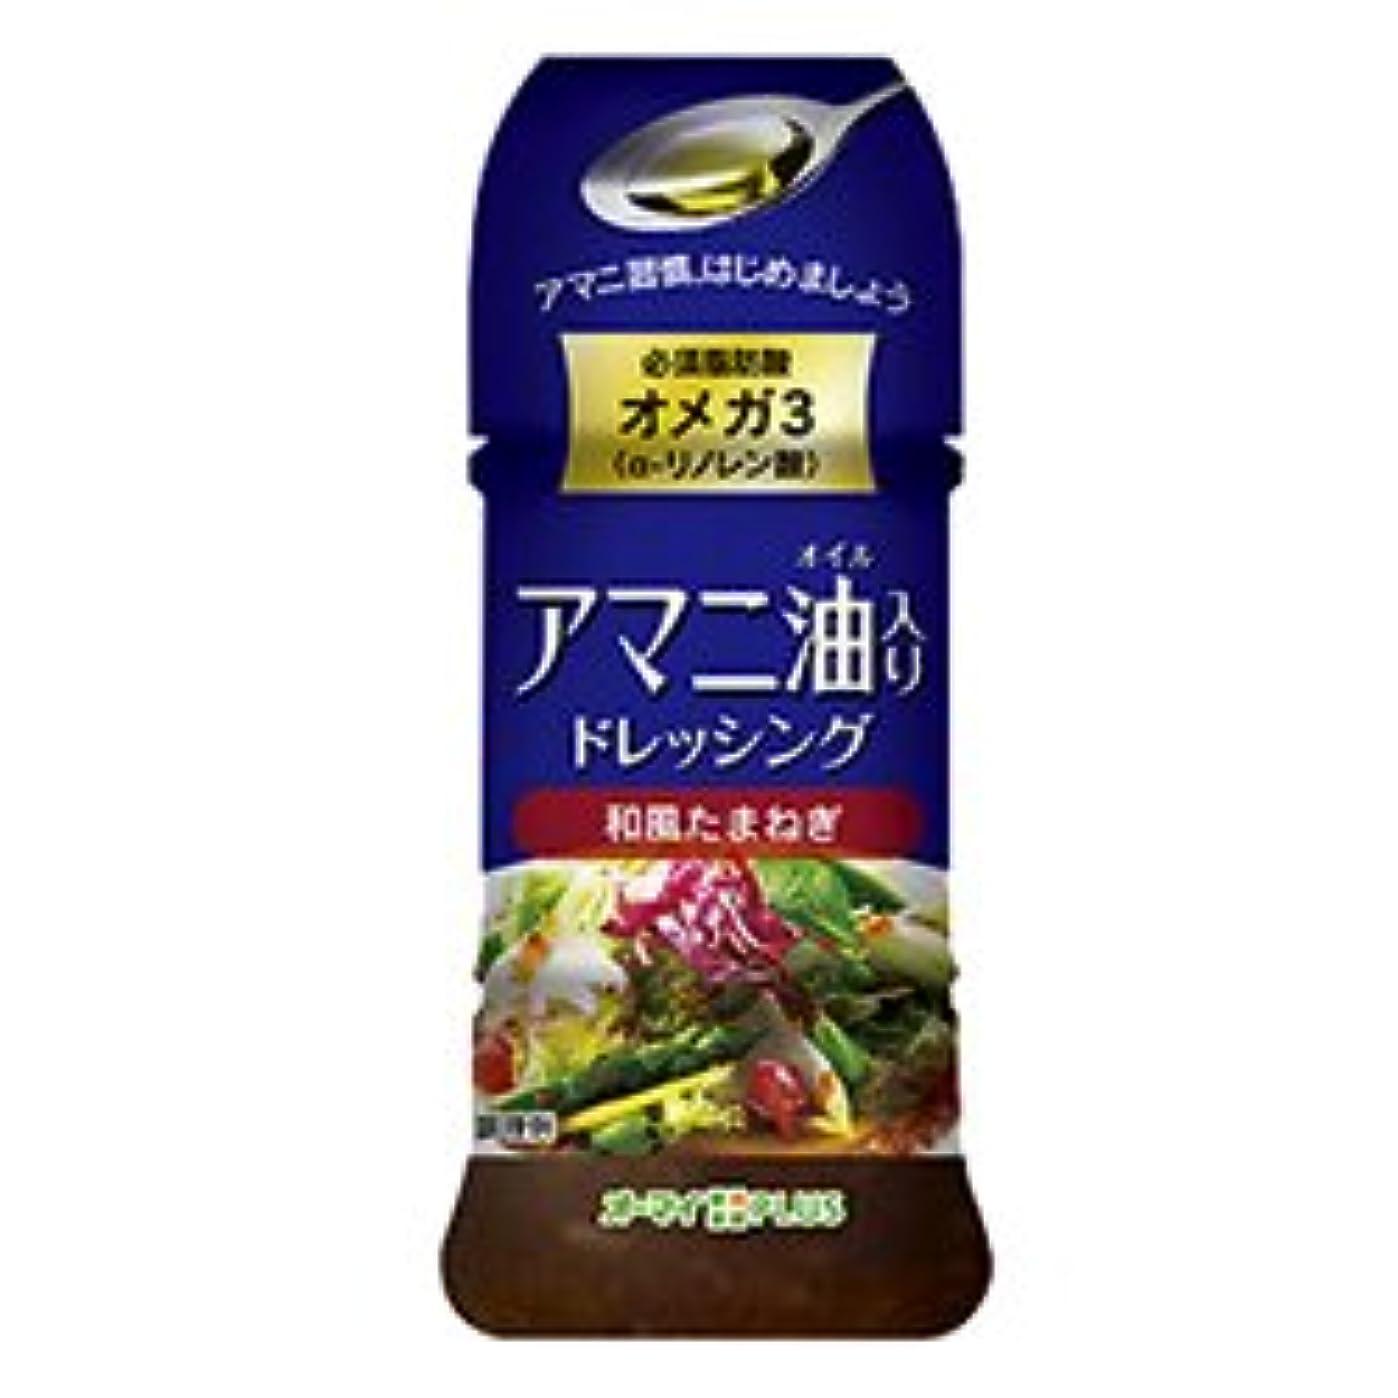 高音習慣叫び声アマニ油ドレッシング 和風たまねぎ【5本セット】日本製粉